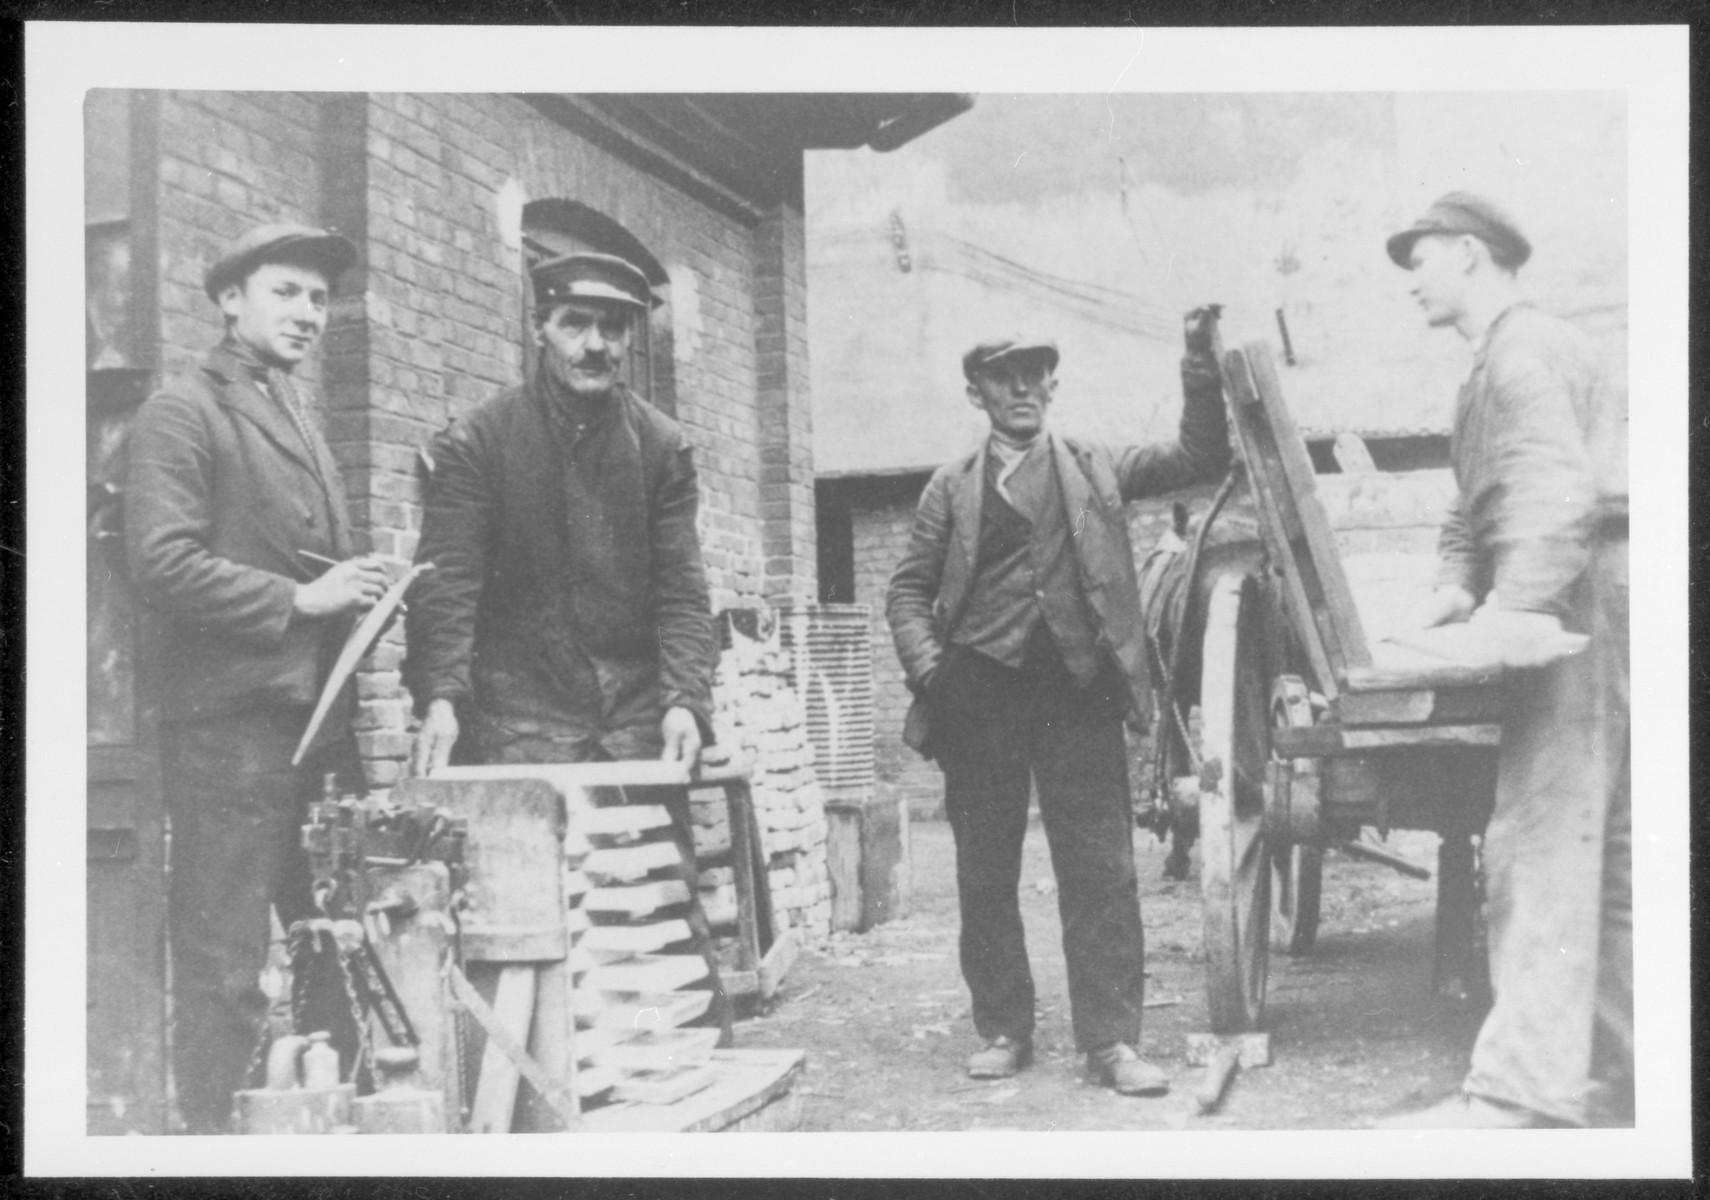 Chaim Mejer Cymbler (left) in a wood workshop in Zawierce.